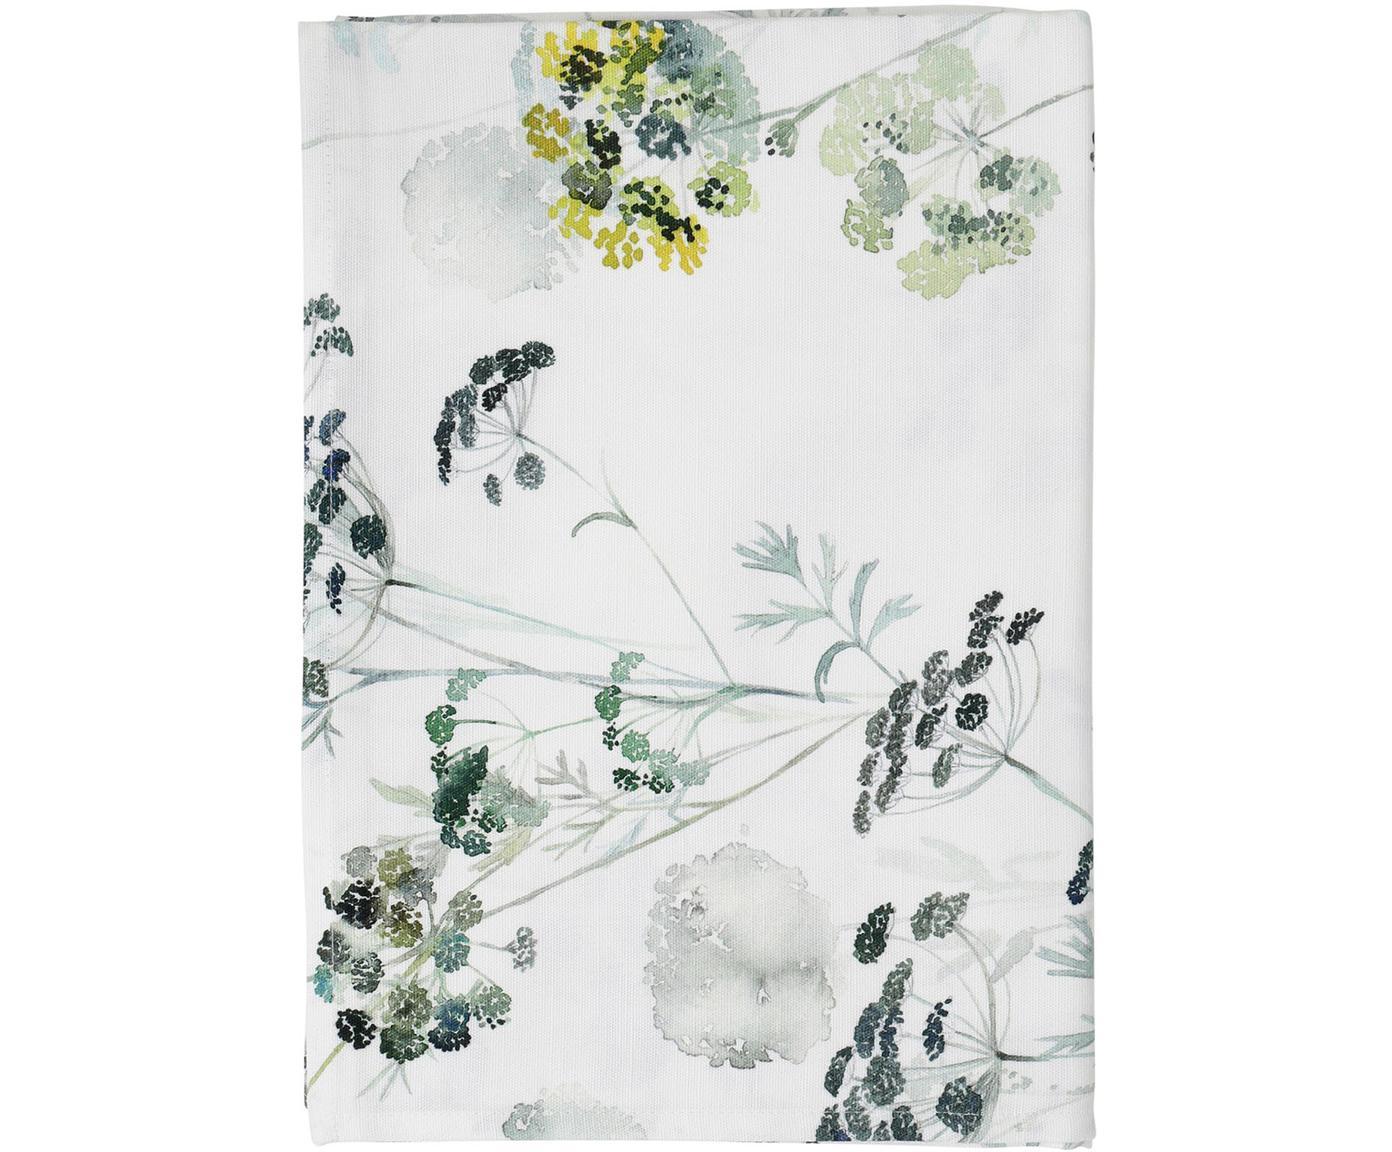 Tafelkleed Herbier, Katoen, Wit, groen, 160 x 160 cm